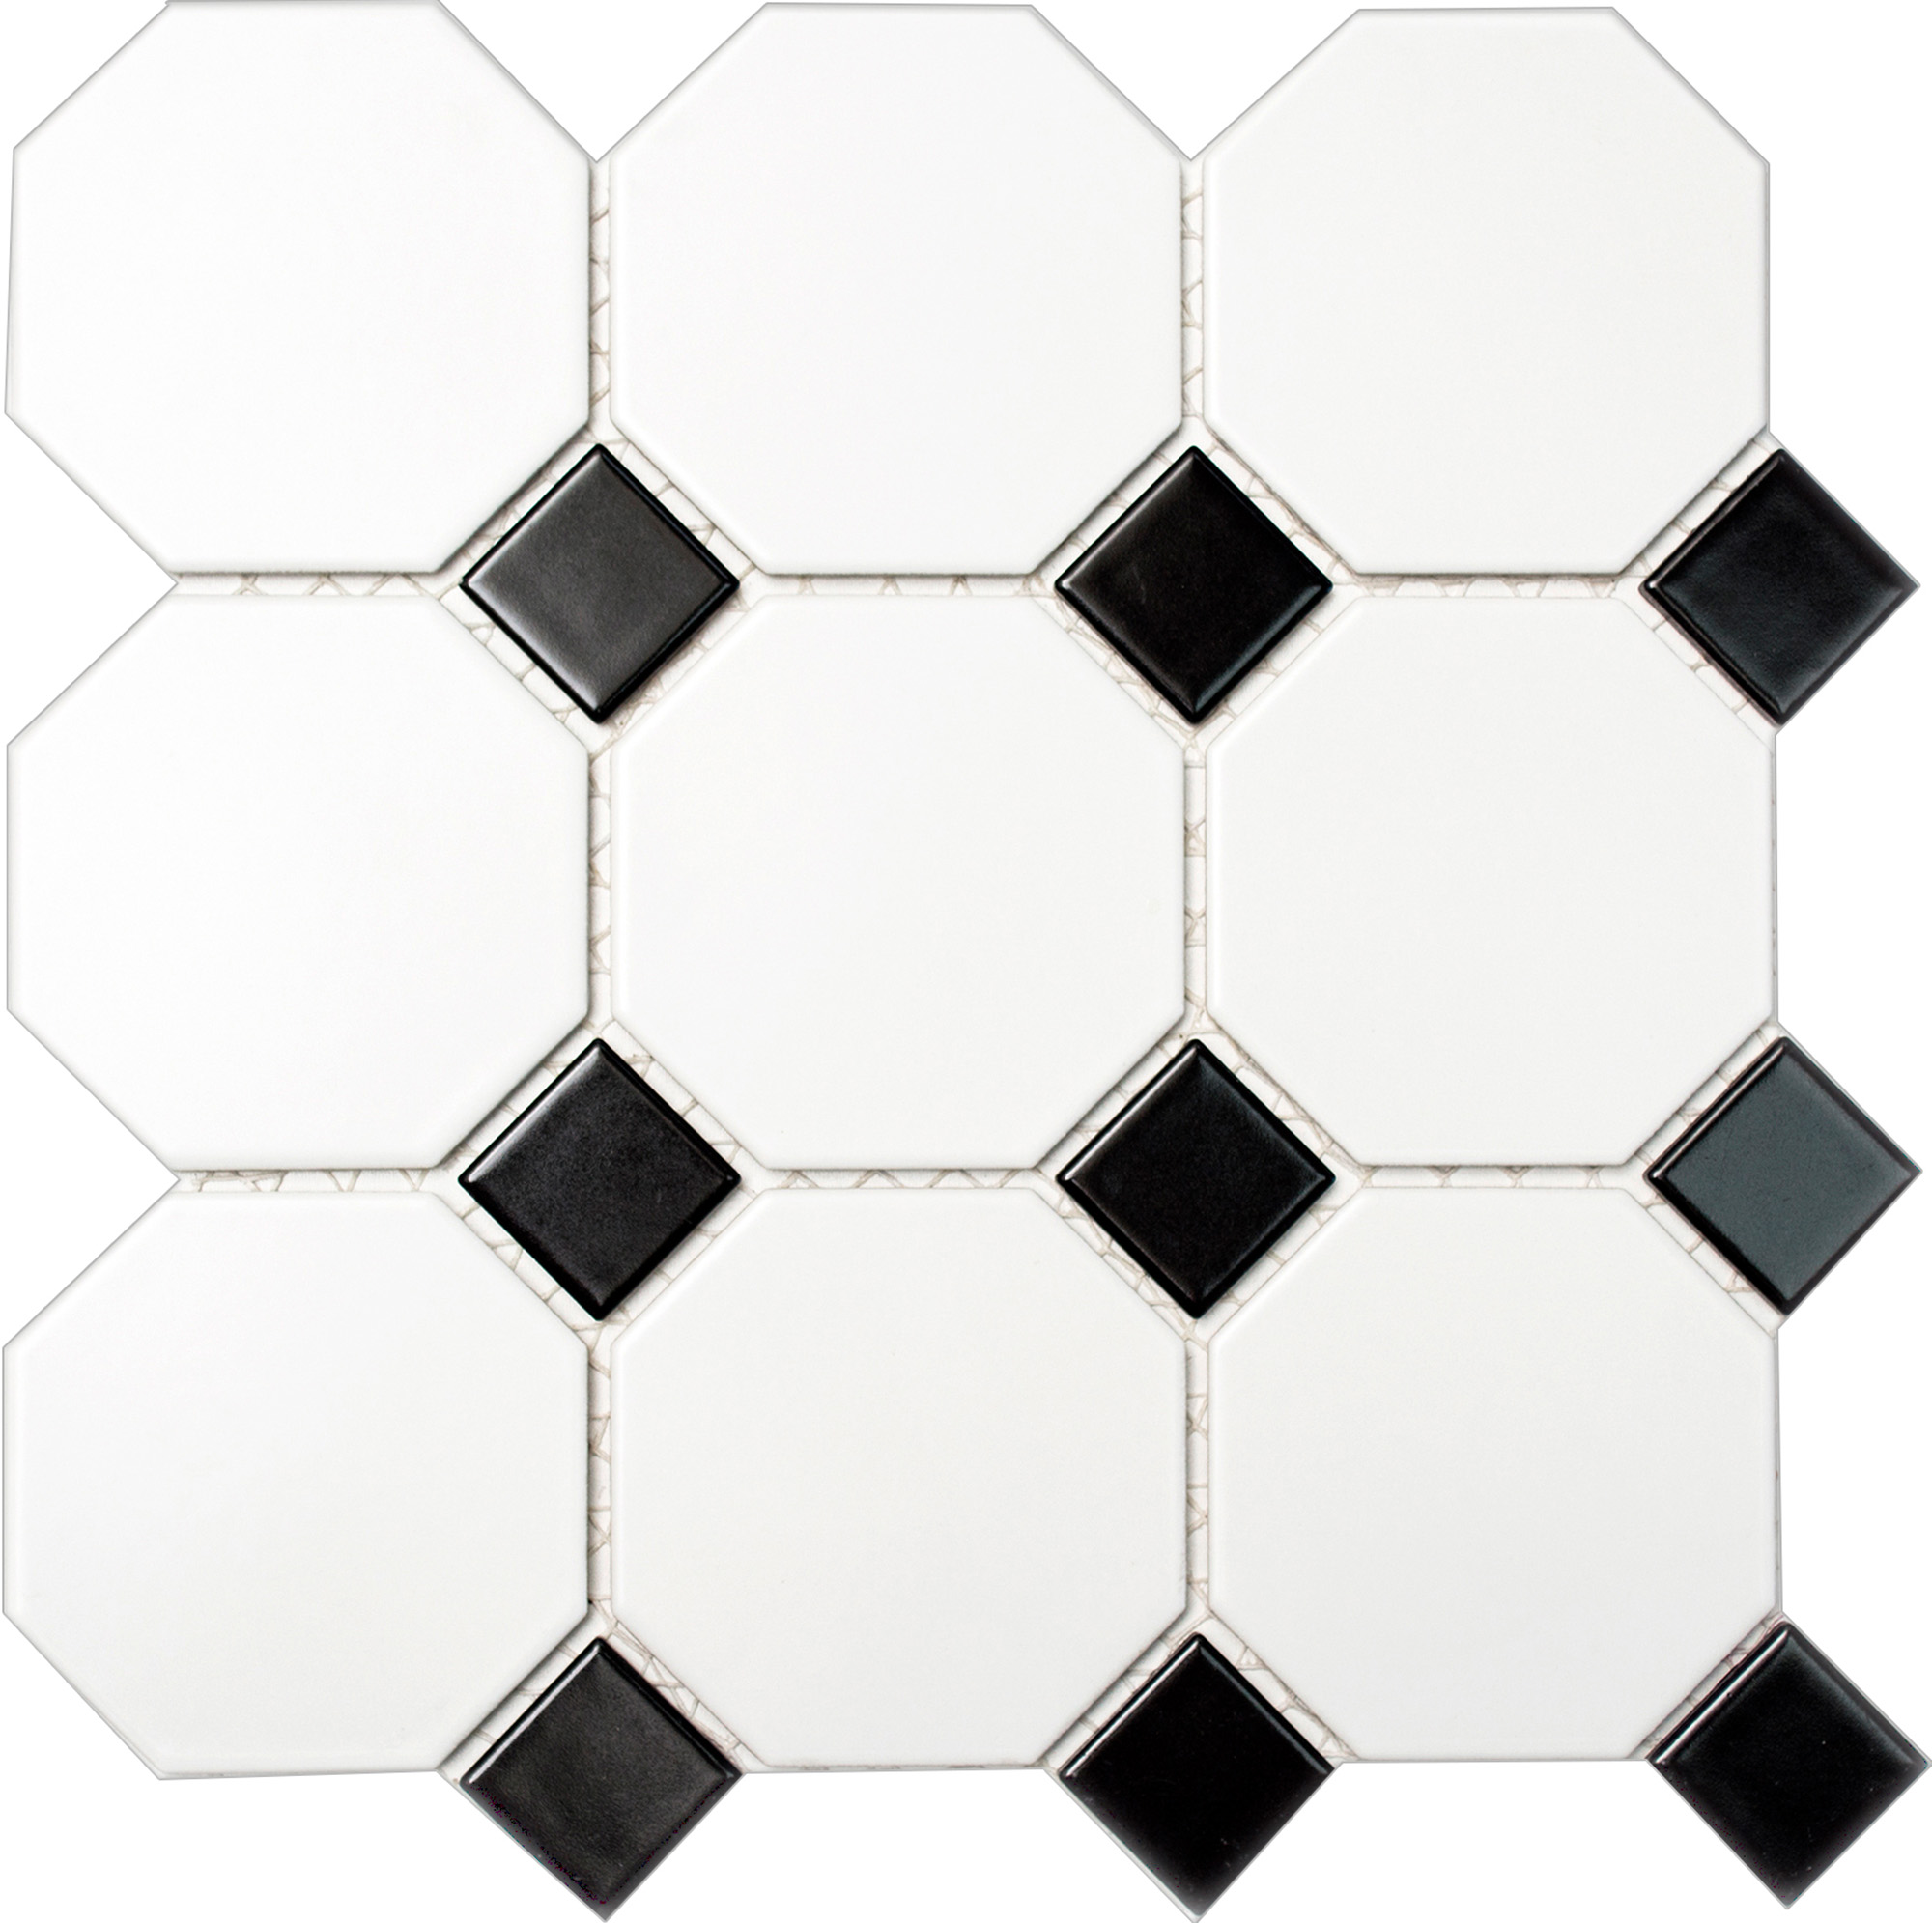 OCTAG948N, Octagon, Valkoinen, mosaiiikki,lattia,pakkasenkesto